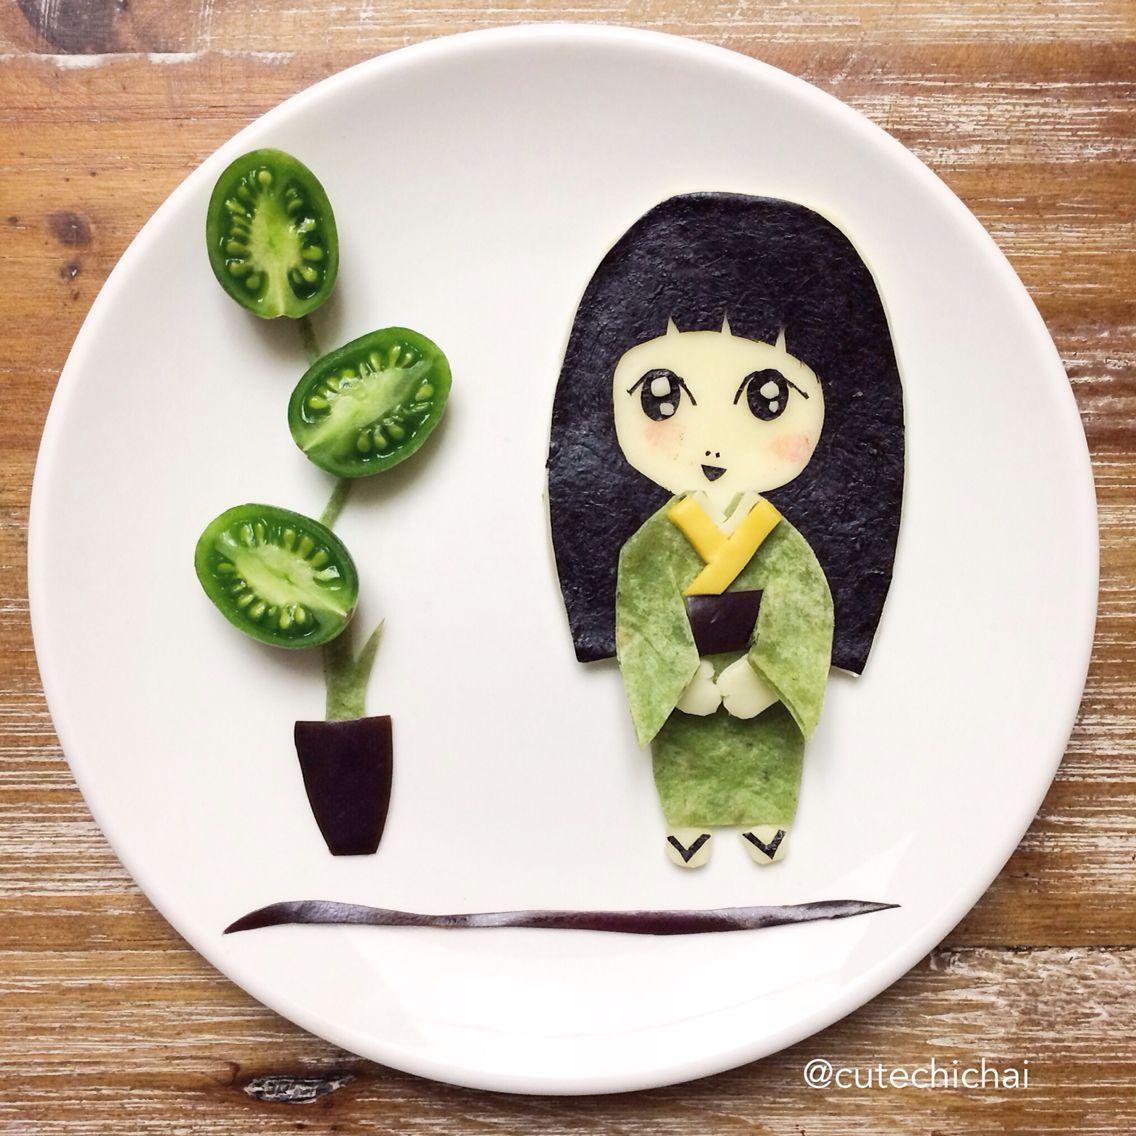 تقديم الطعام لطفلك بأشكال مختلفة.